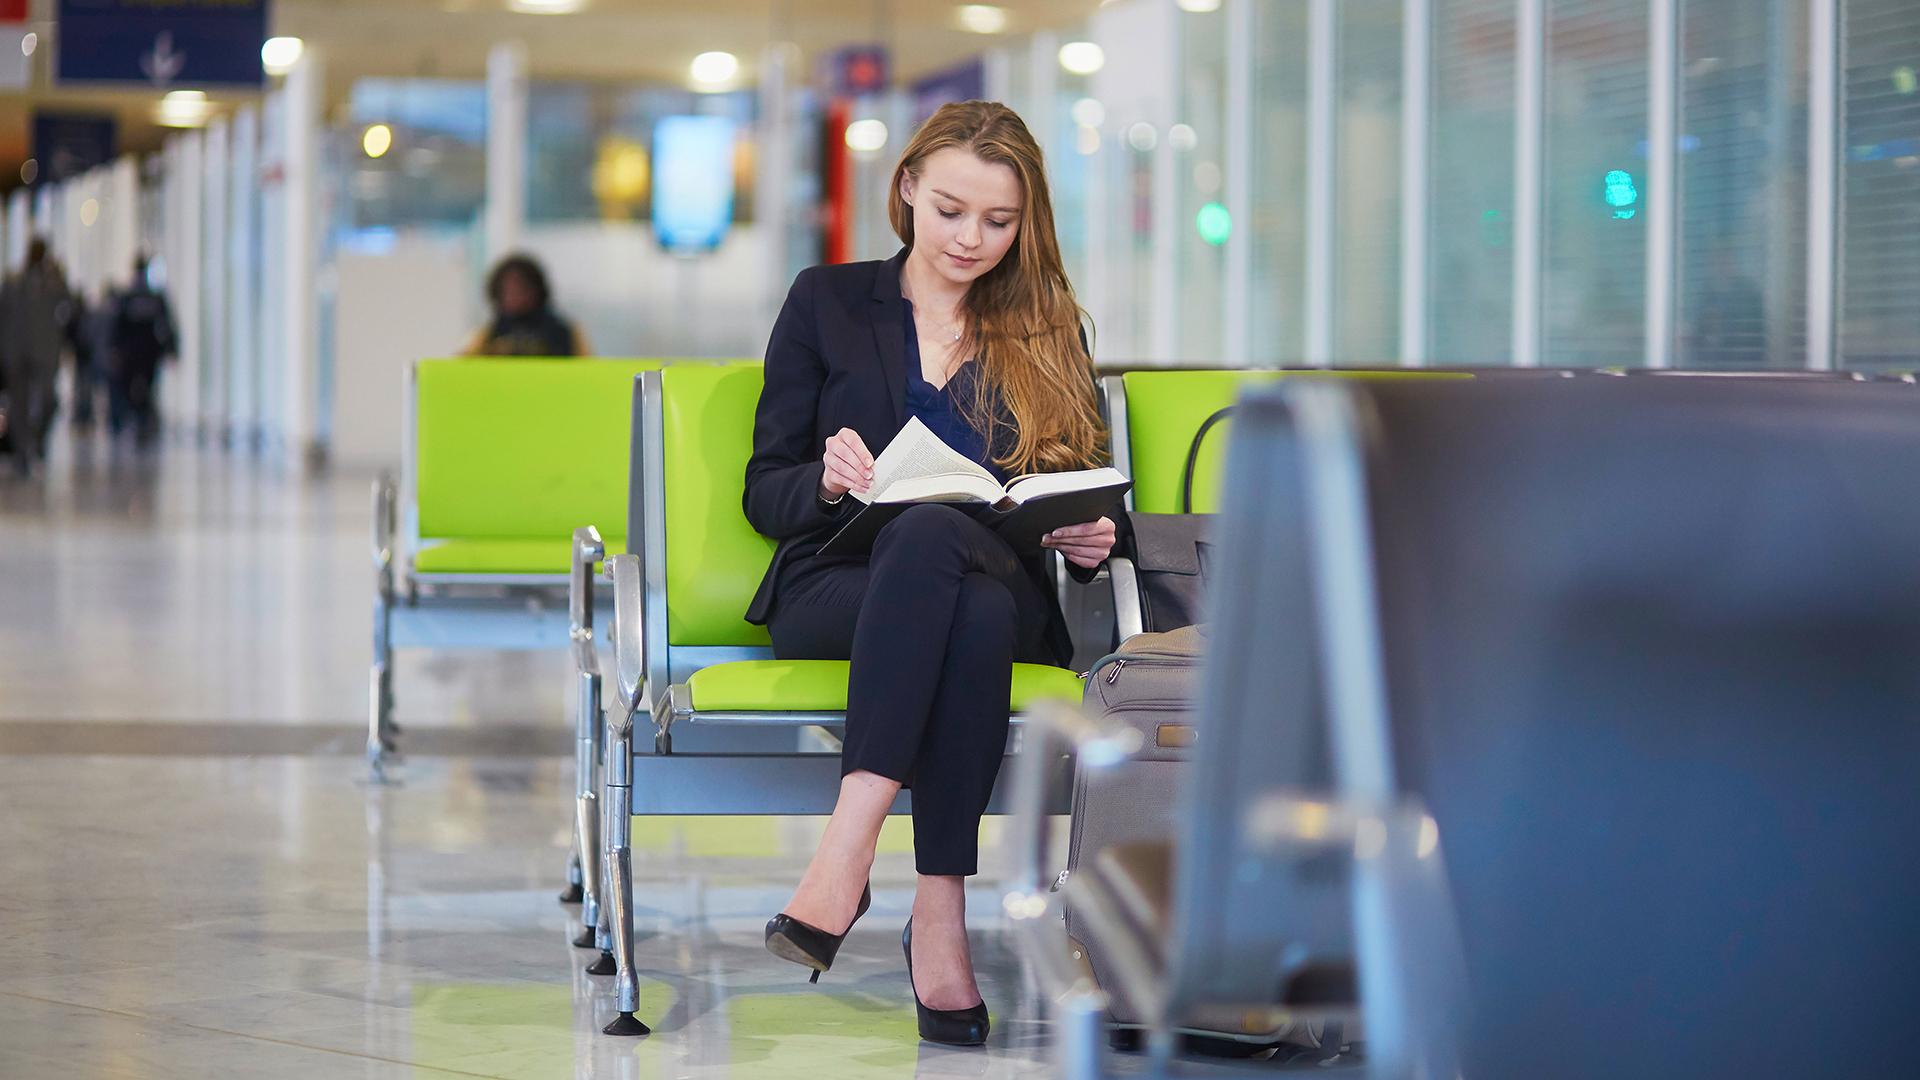 Nainen lukee kirjaa odotushallissa.